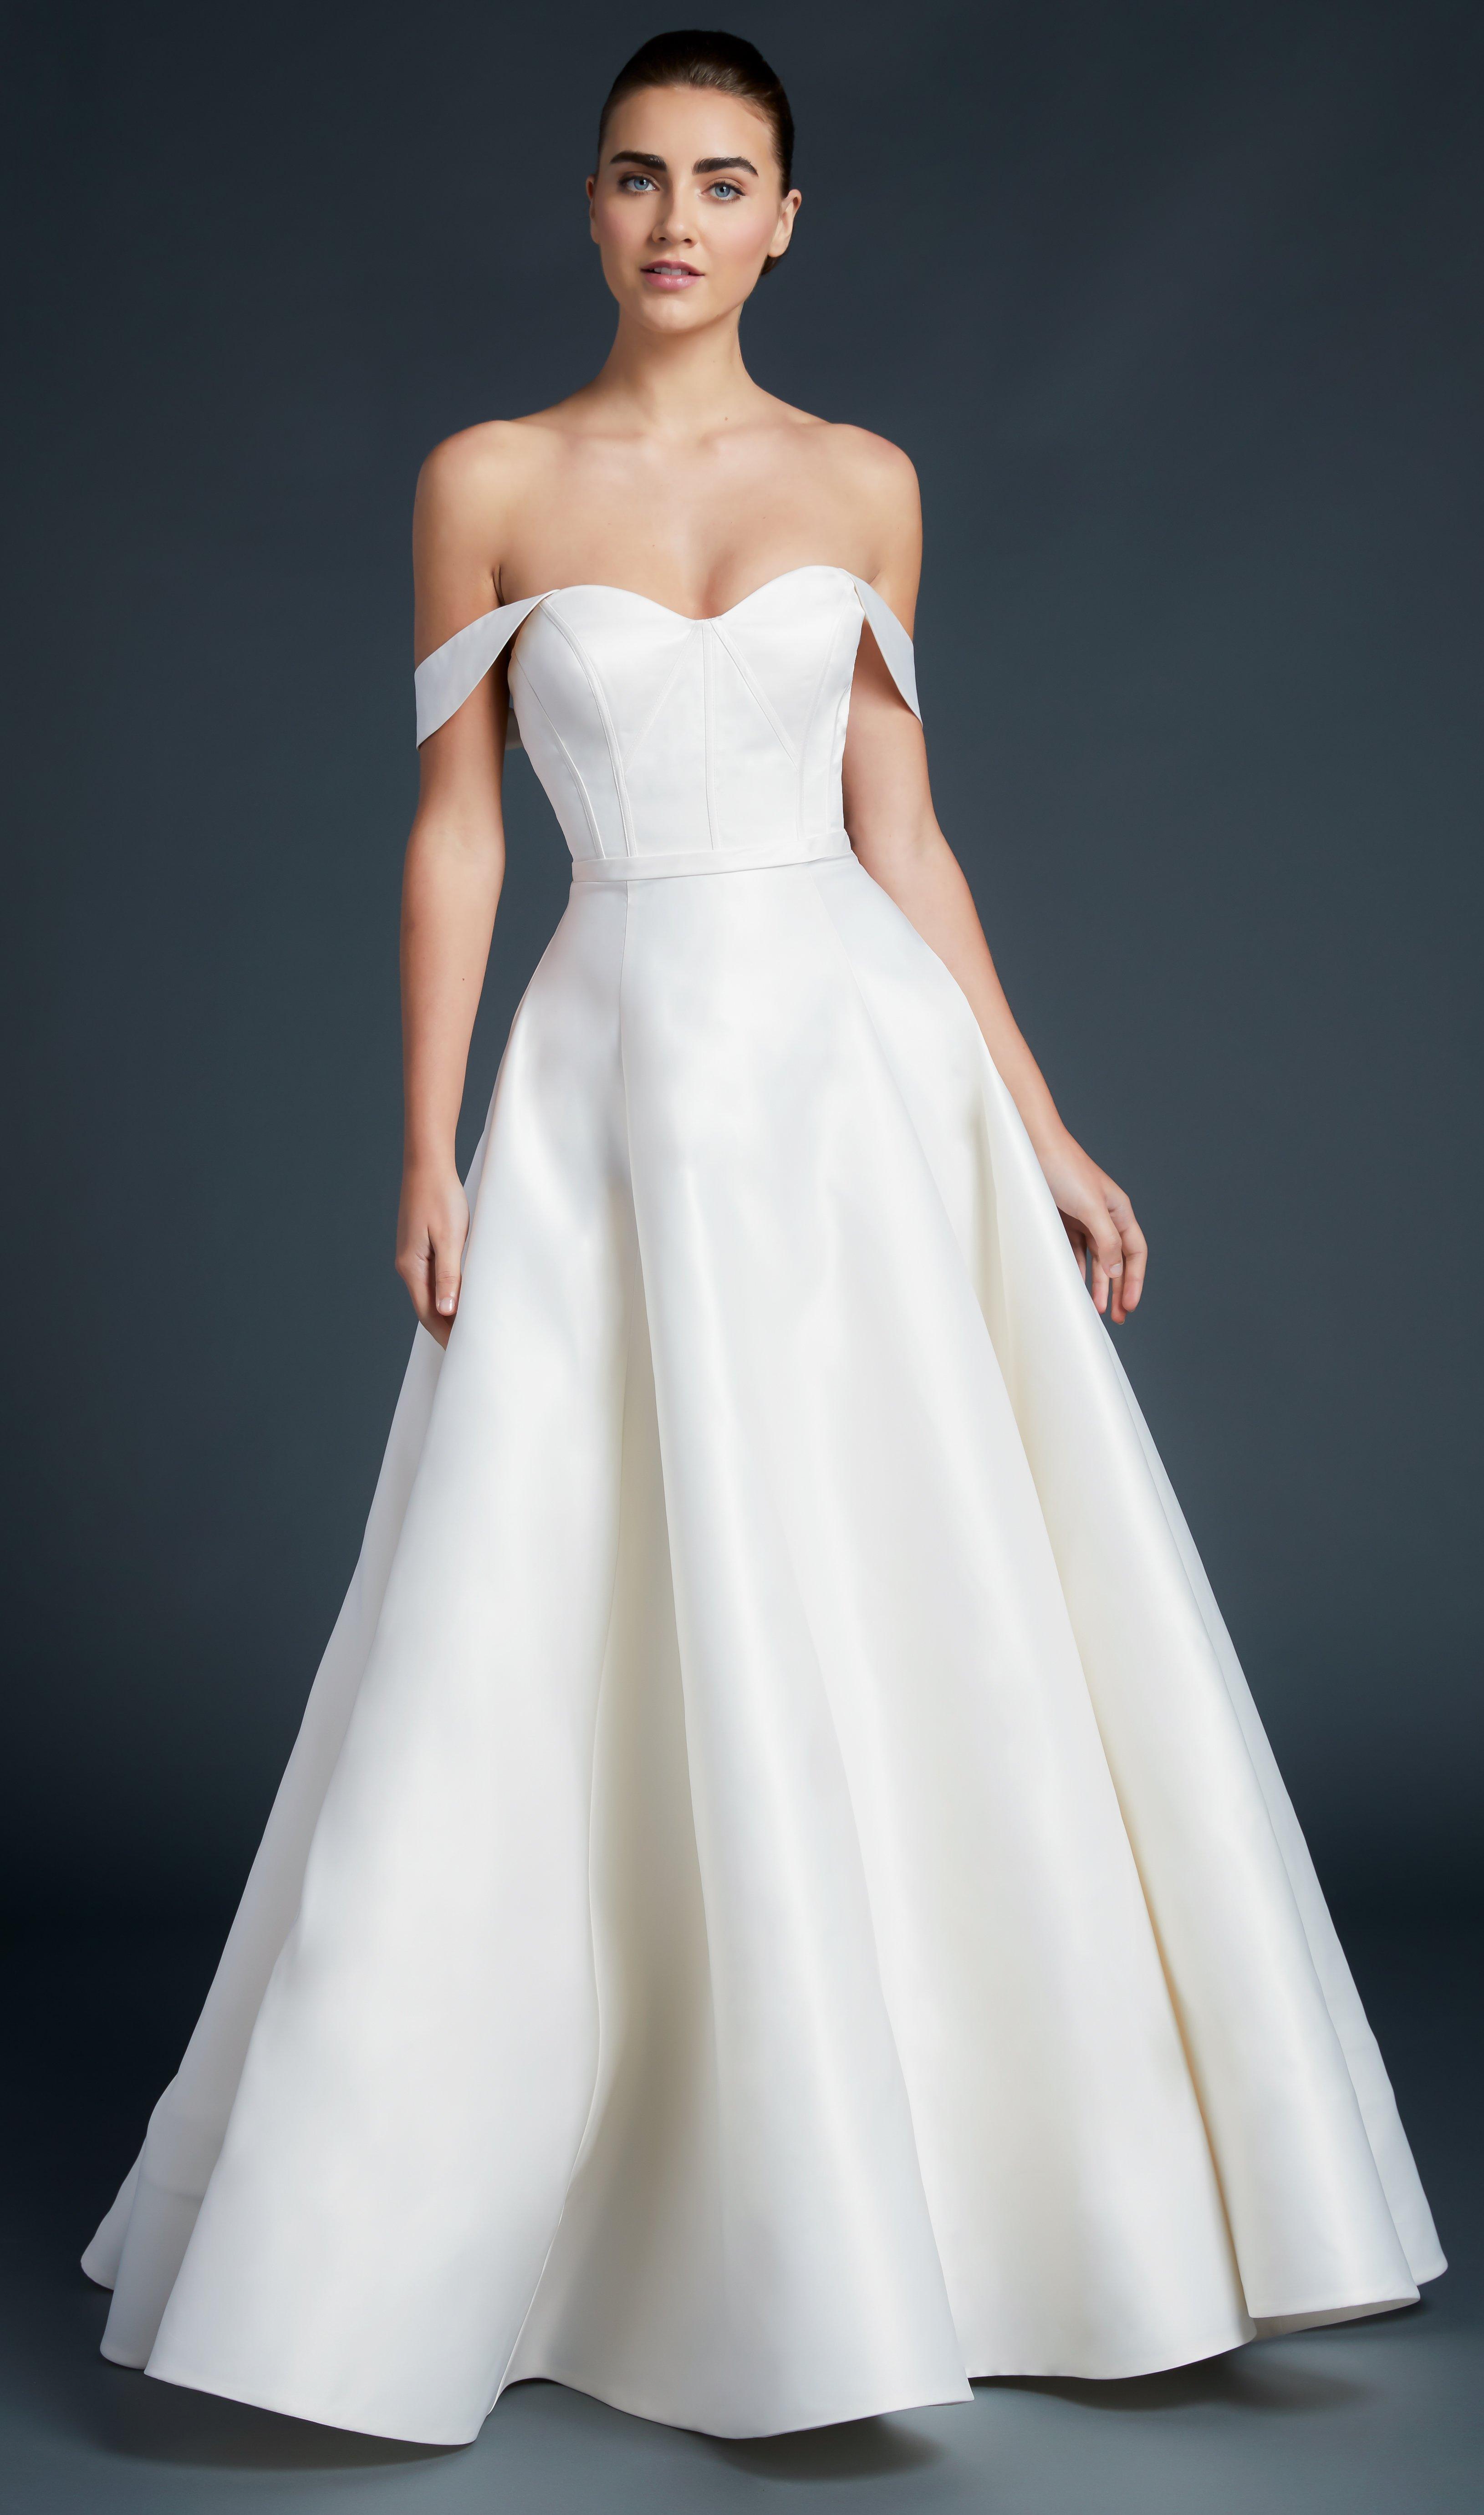 6687f48f3ab Wedding Dresses Sweetheart Neckline A Line - Gomes Weine AG